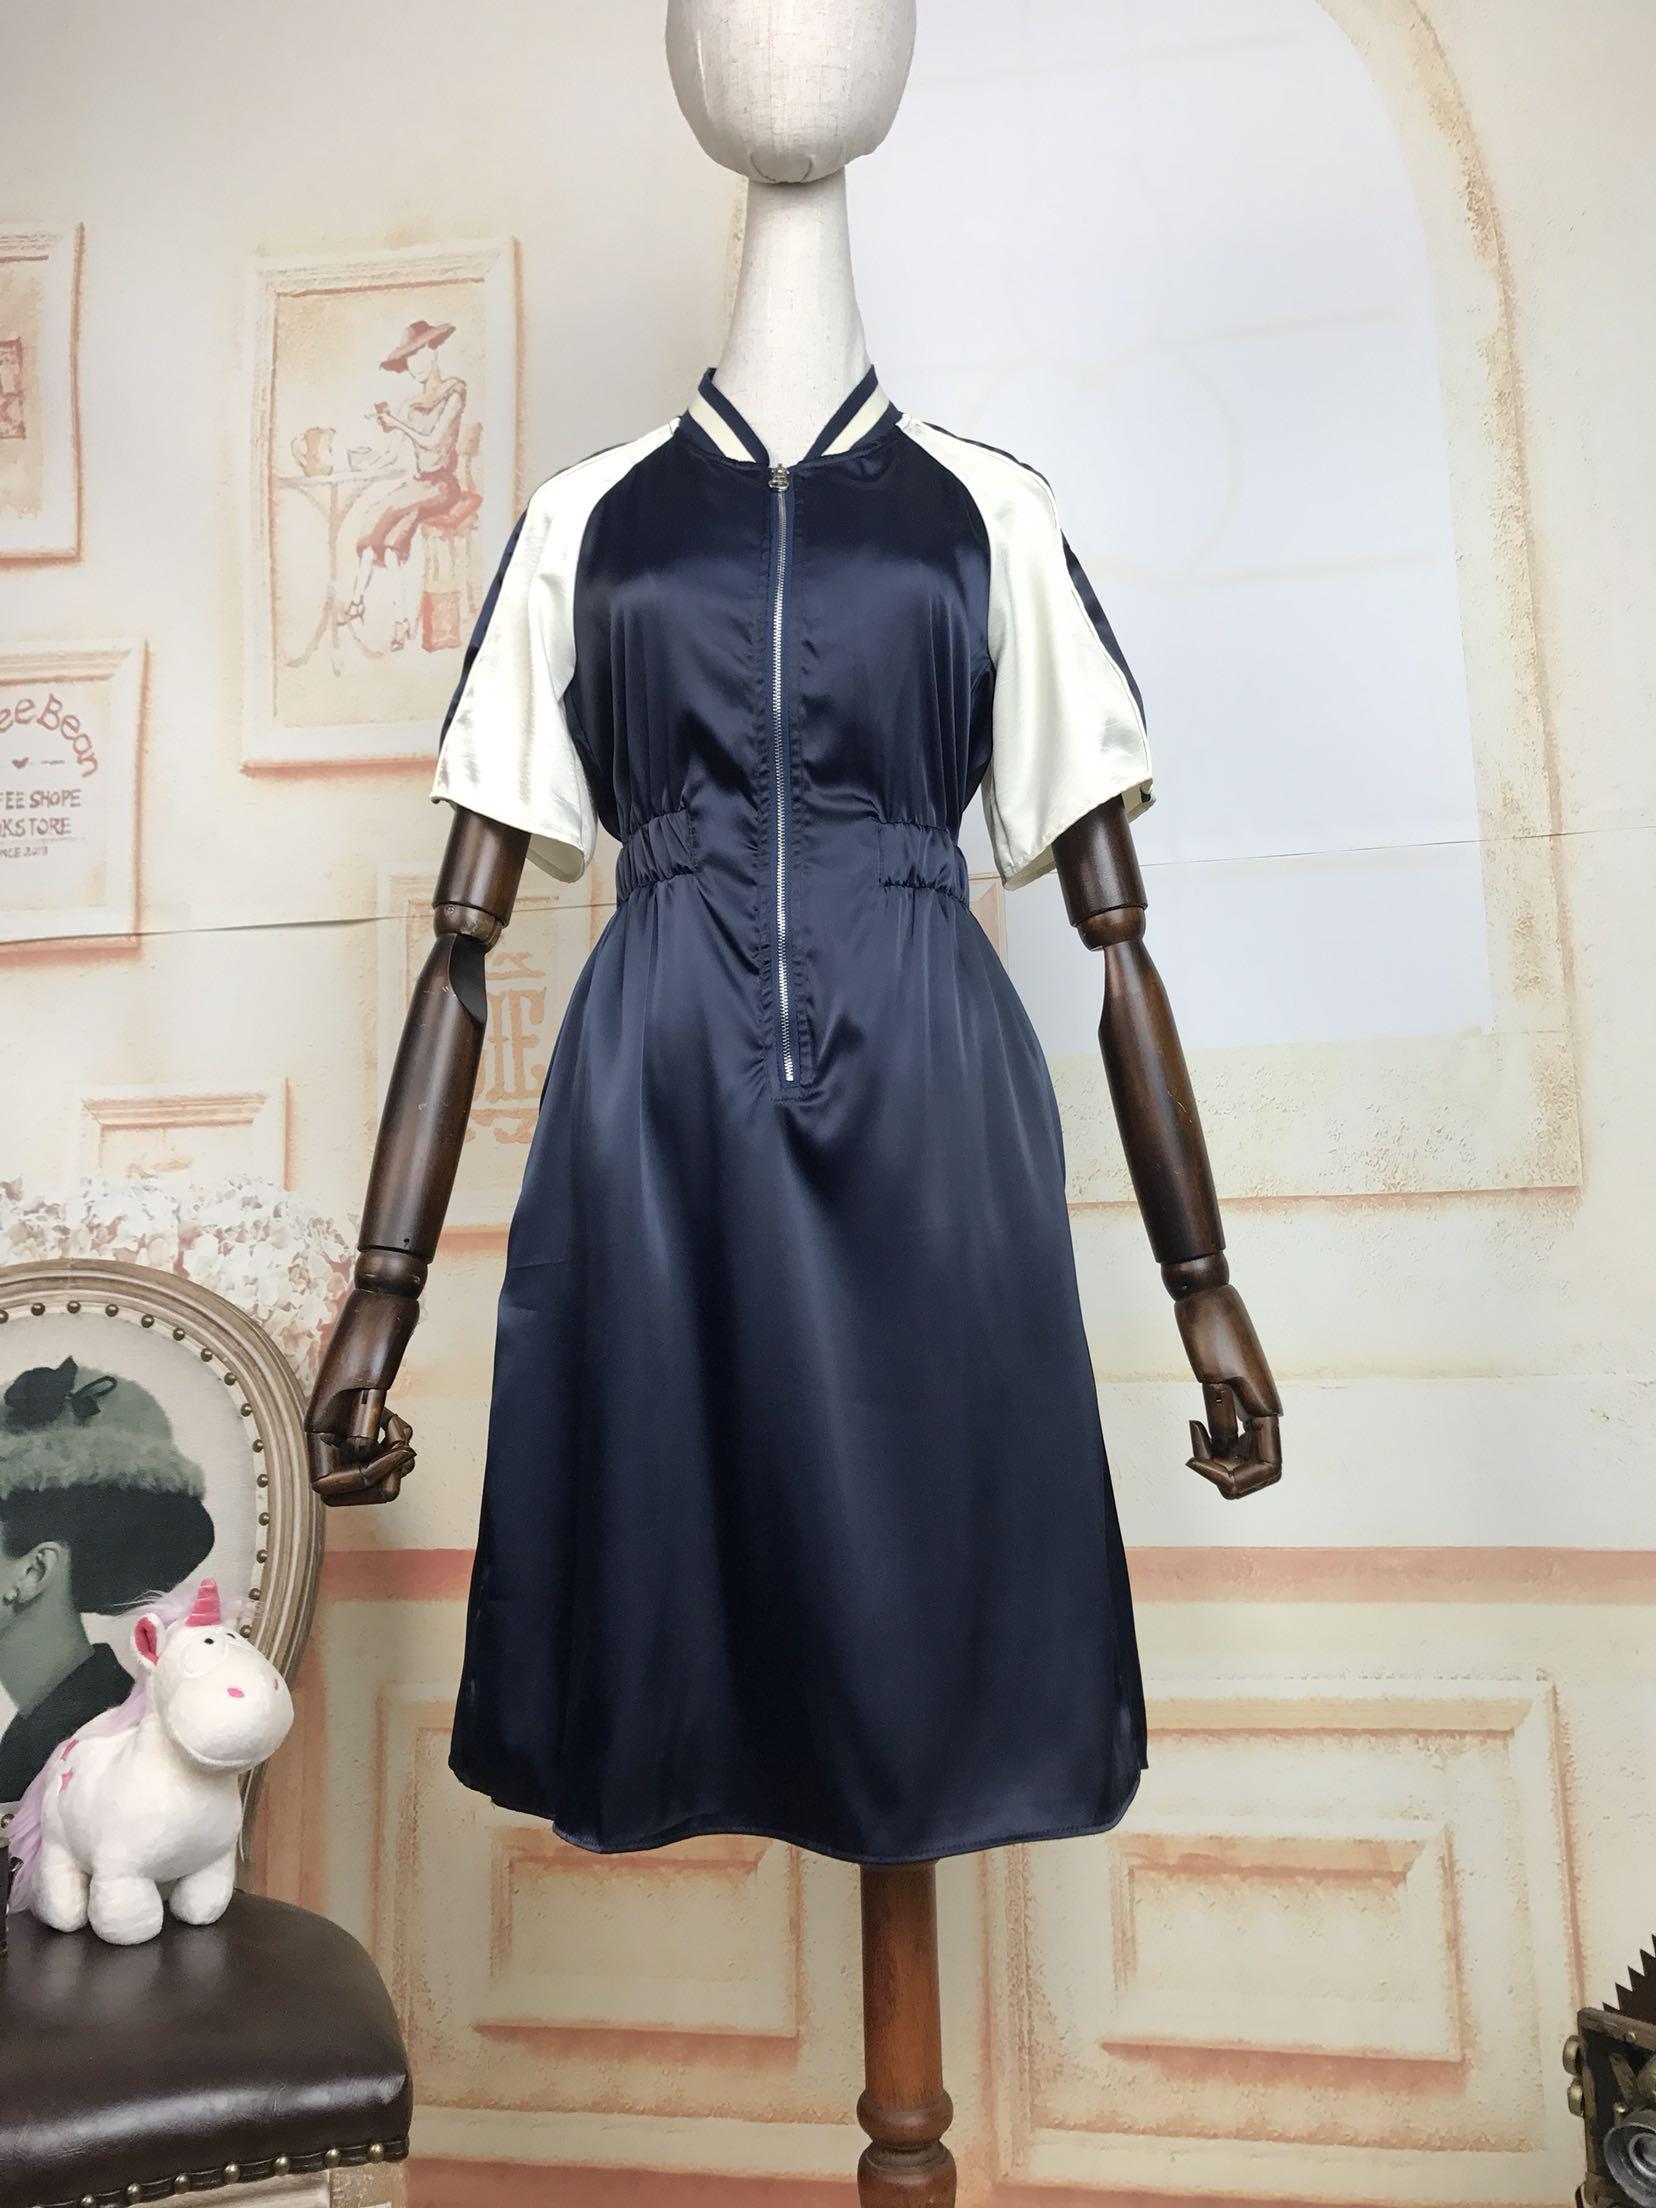 新款修身连衣裙 18夏新款运动风撞色拼接插肩短袖拉链松紧收腰修身显瘦连衣裙_推荐淘宝好看的新款修身连衣裙